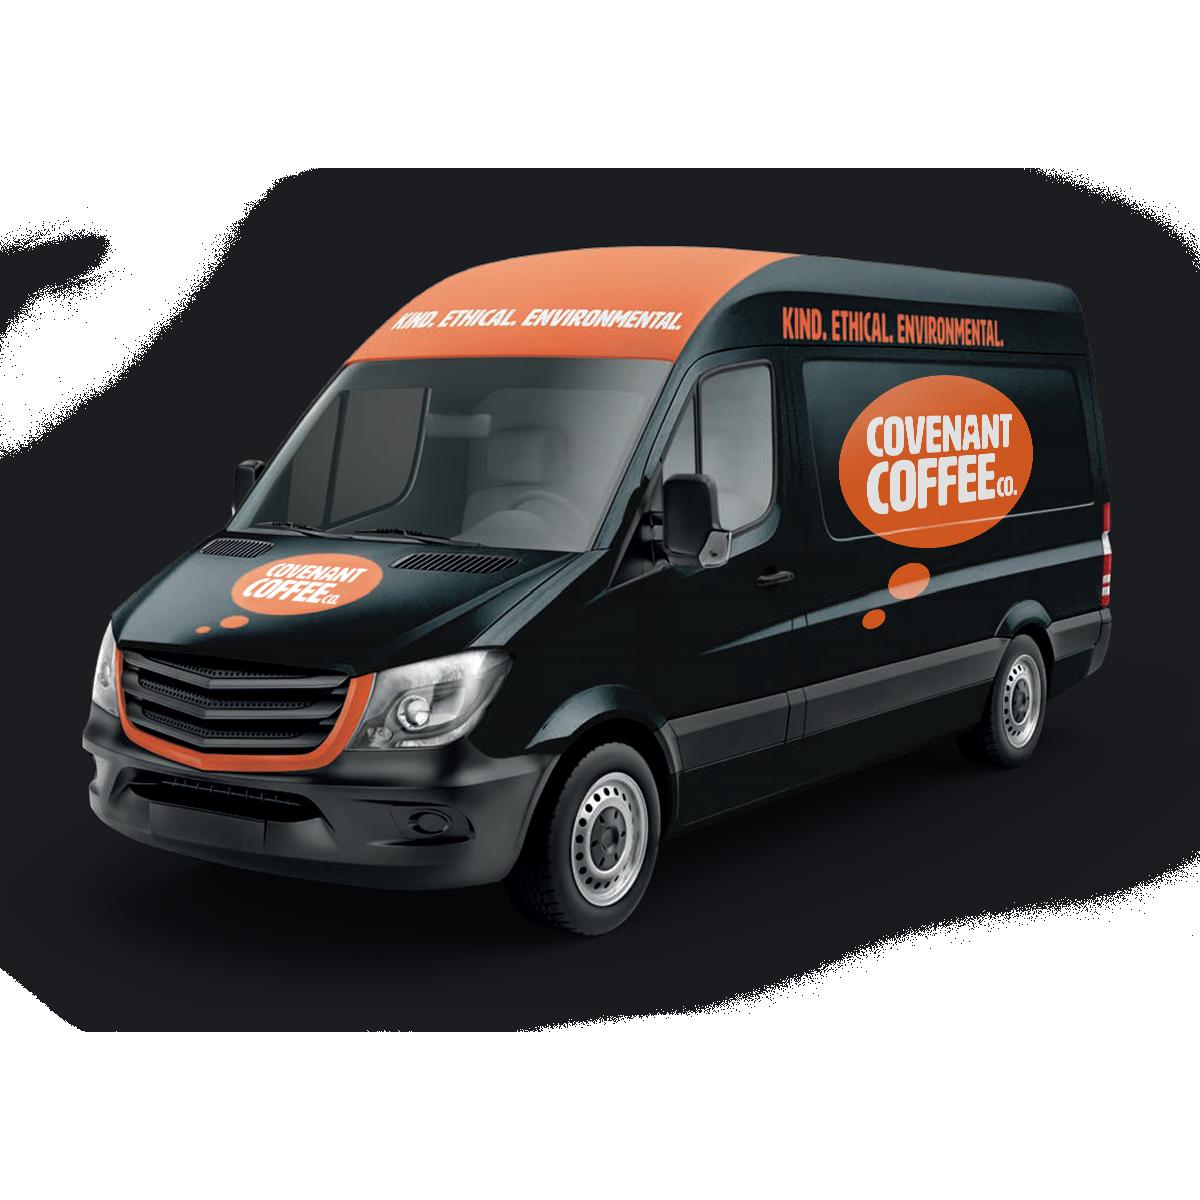 Covenant Coffee Van